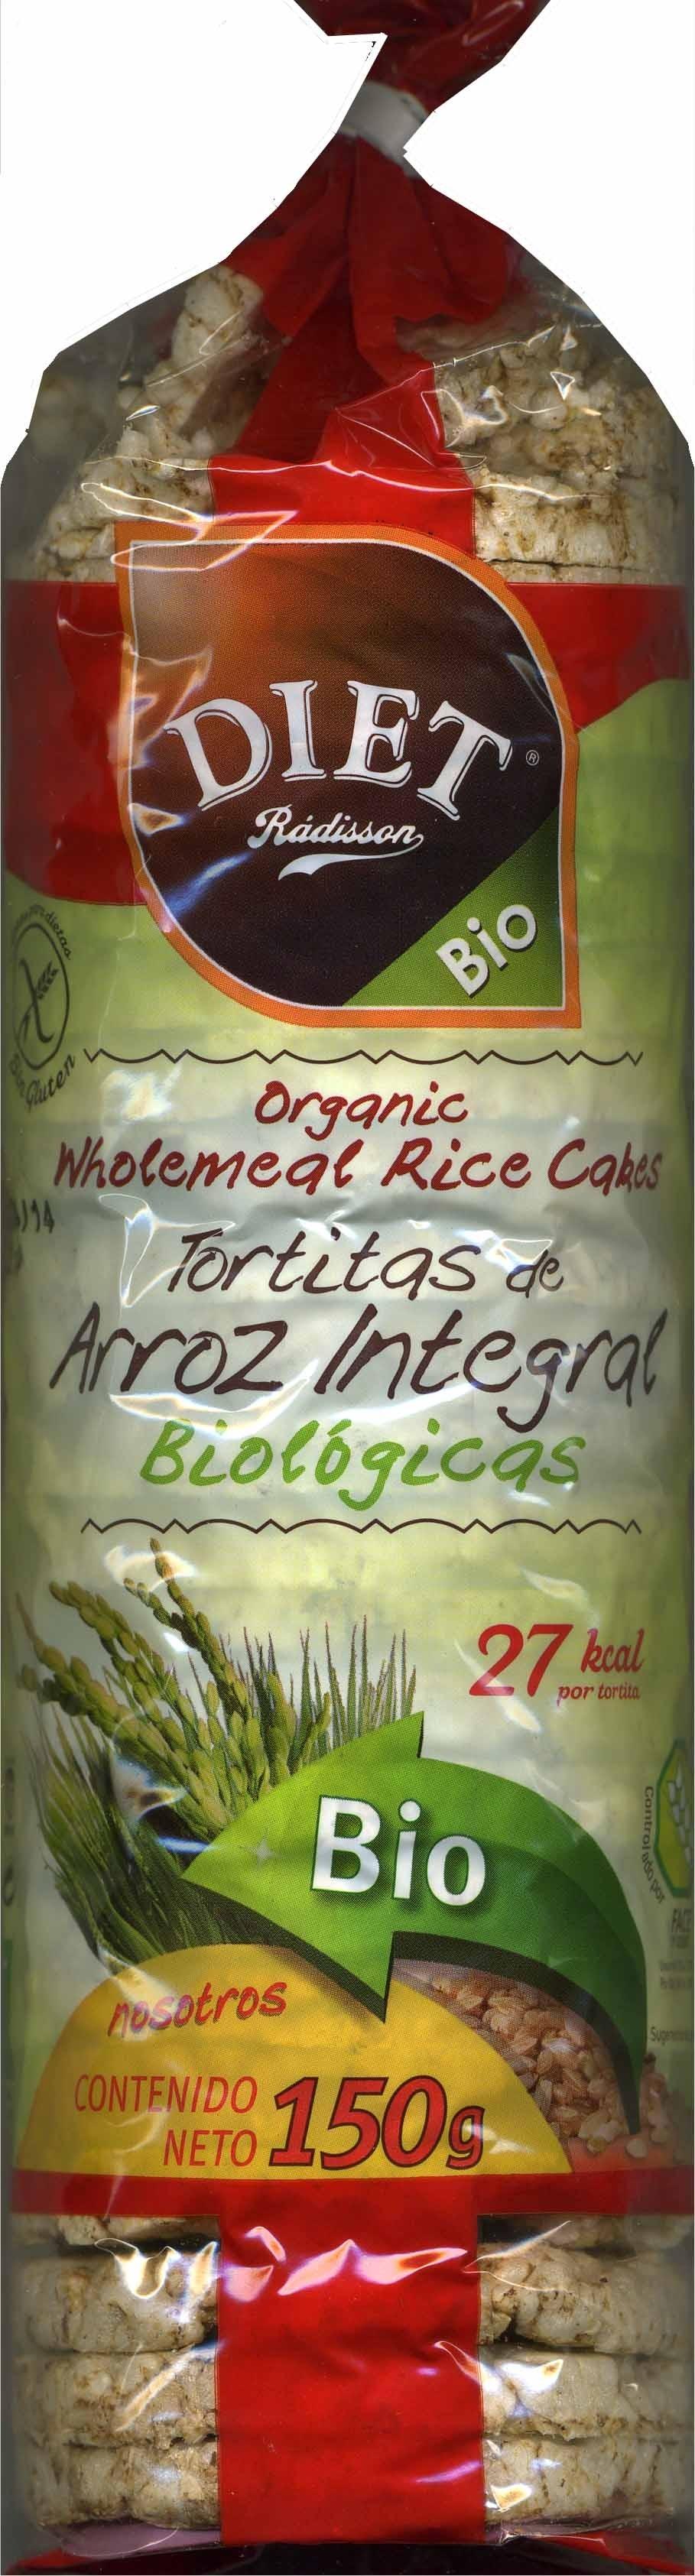 Tortitas de arroz integral - Produit - es